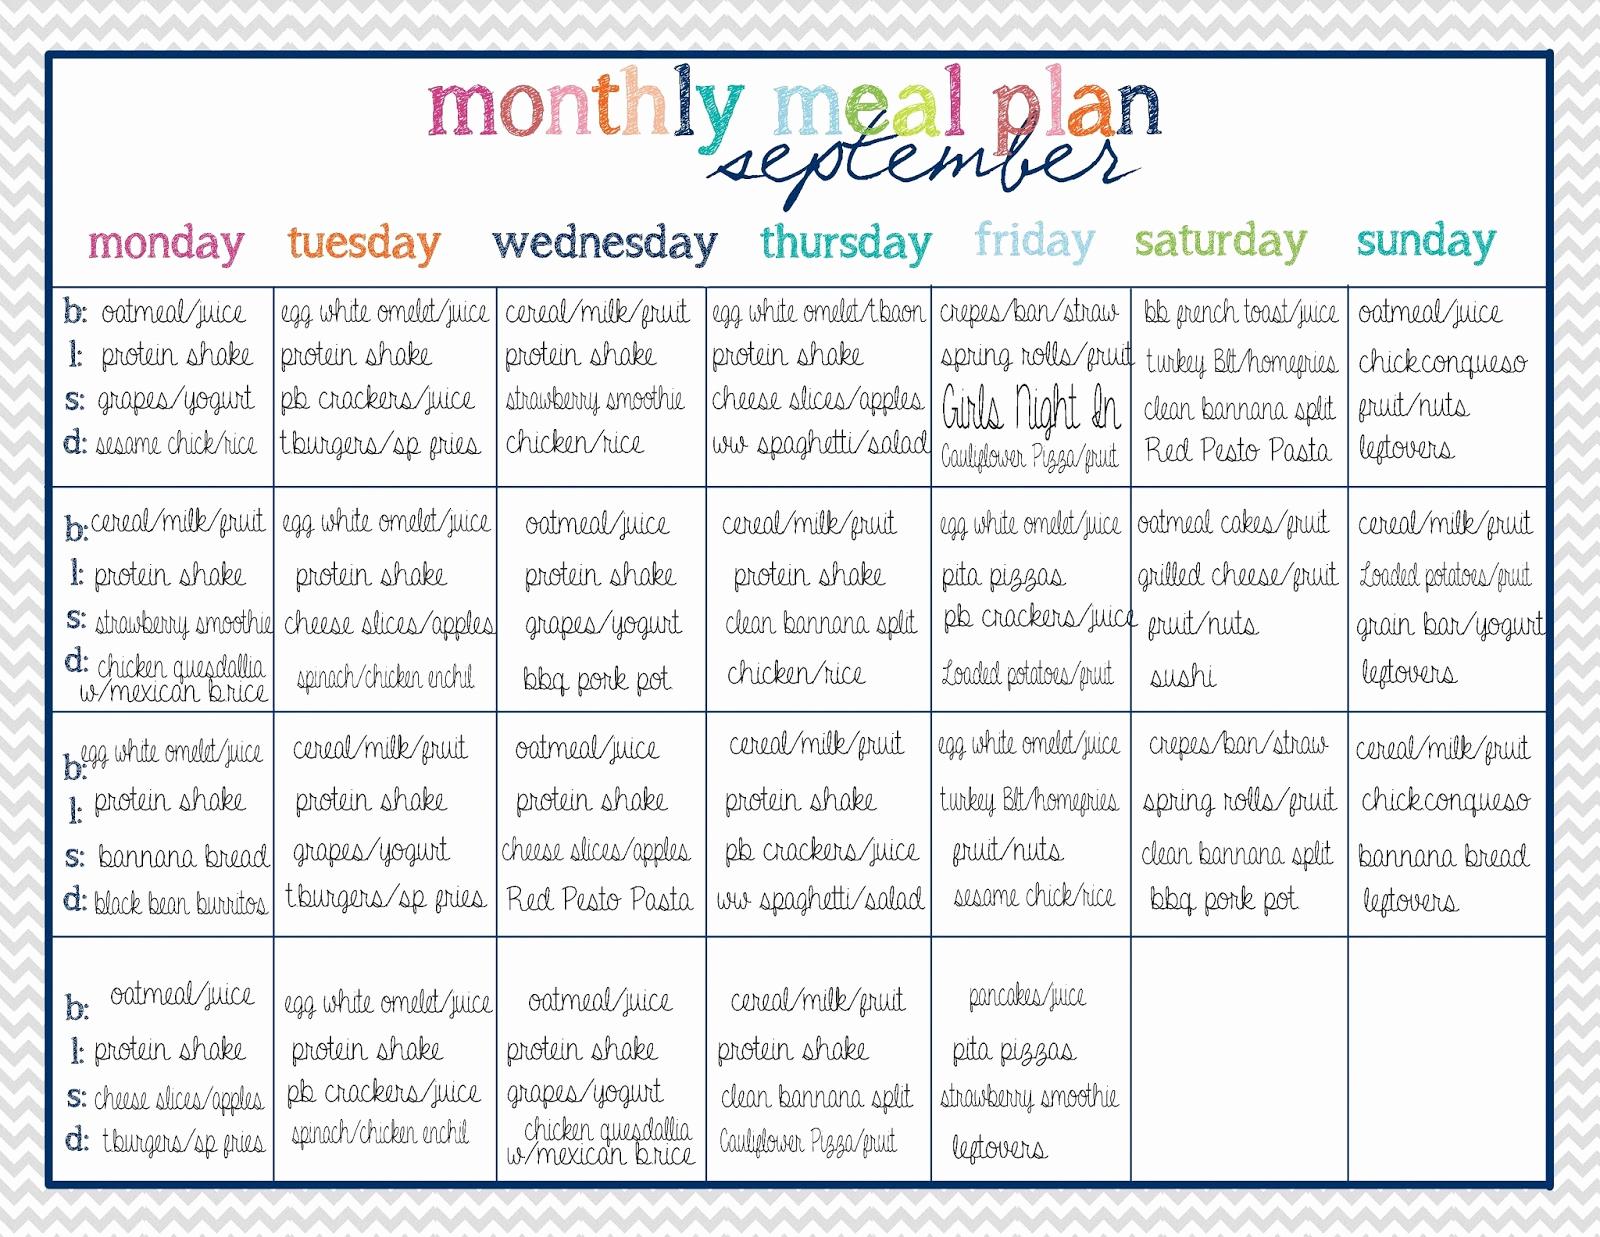 Diet Plan Spreadsheet Throughout Fast Metabolism Diet Meal Plan Spreadsheet Fresh Meal Plan